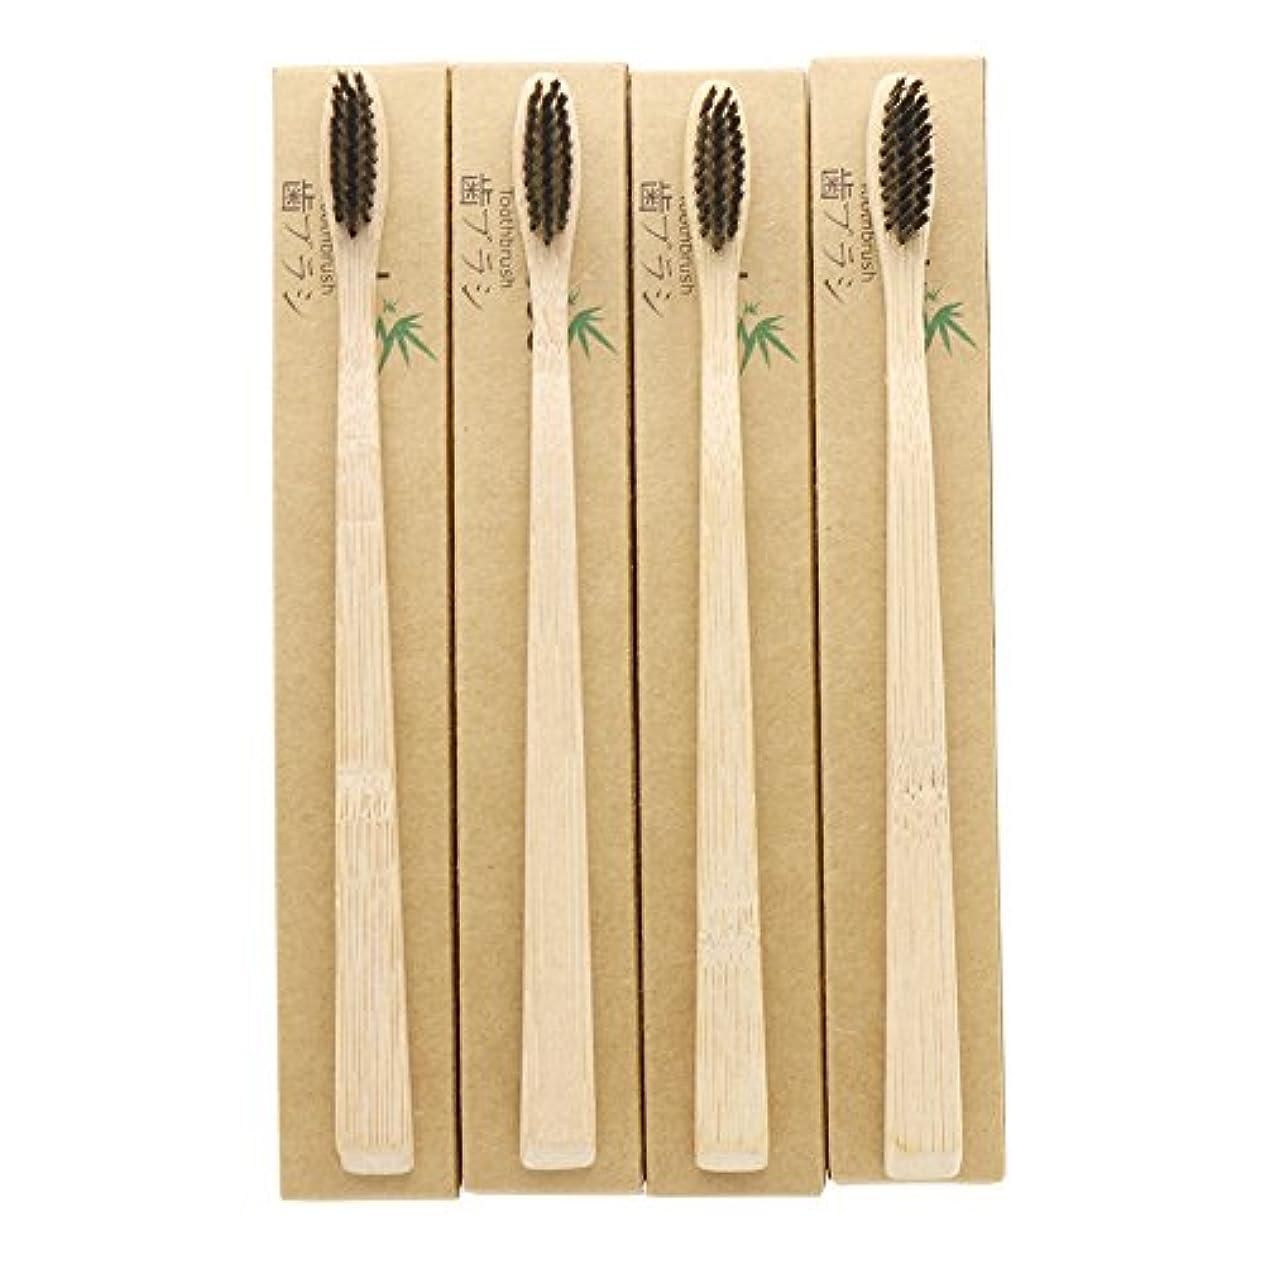 ネックレット緩める逆N-amboo 竹製耐久度高い 歯ブラシ 黒い ハンドル小さい 4本入りセット